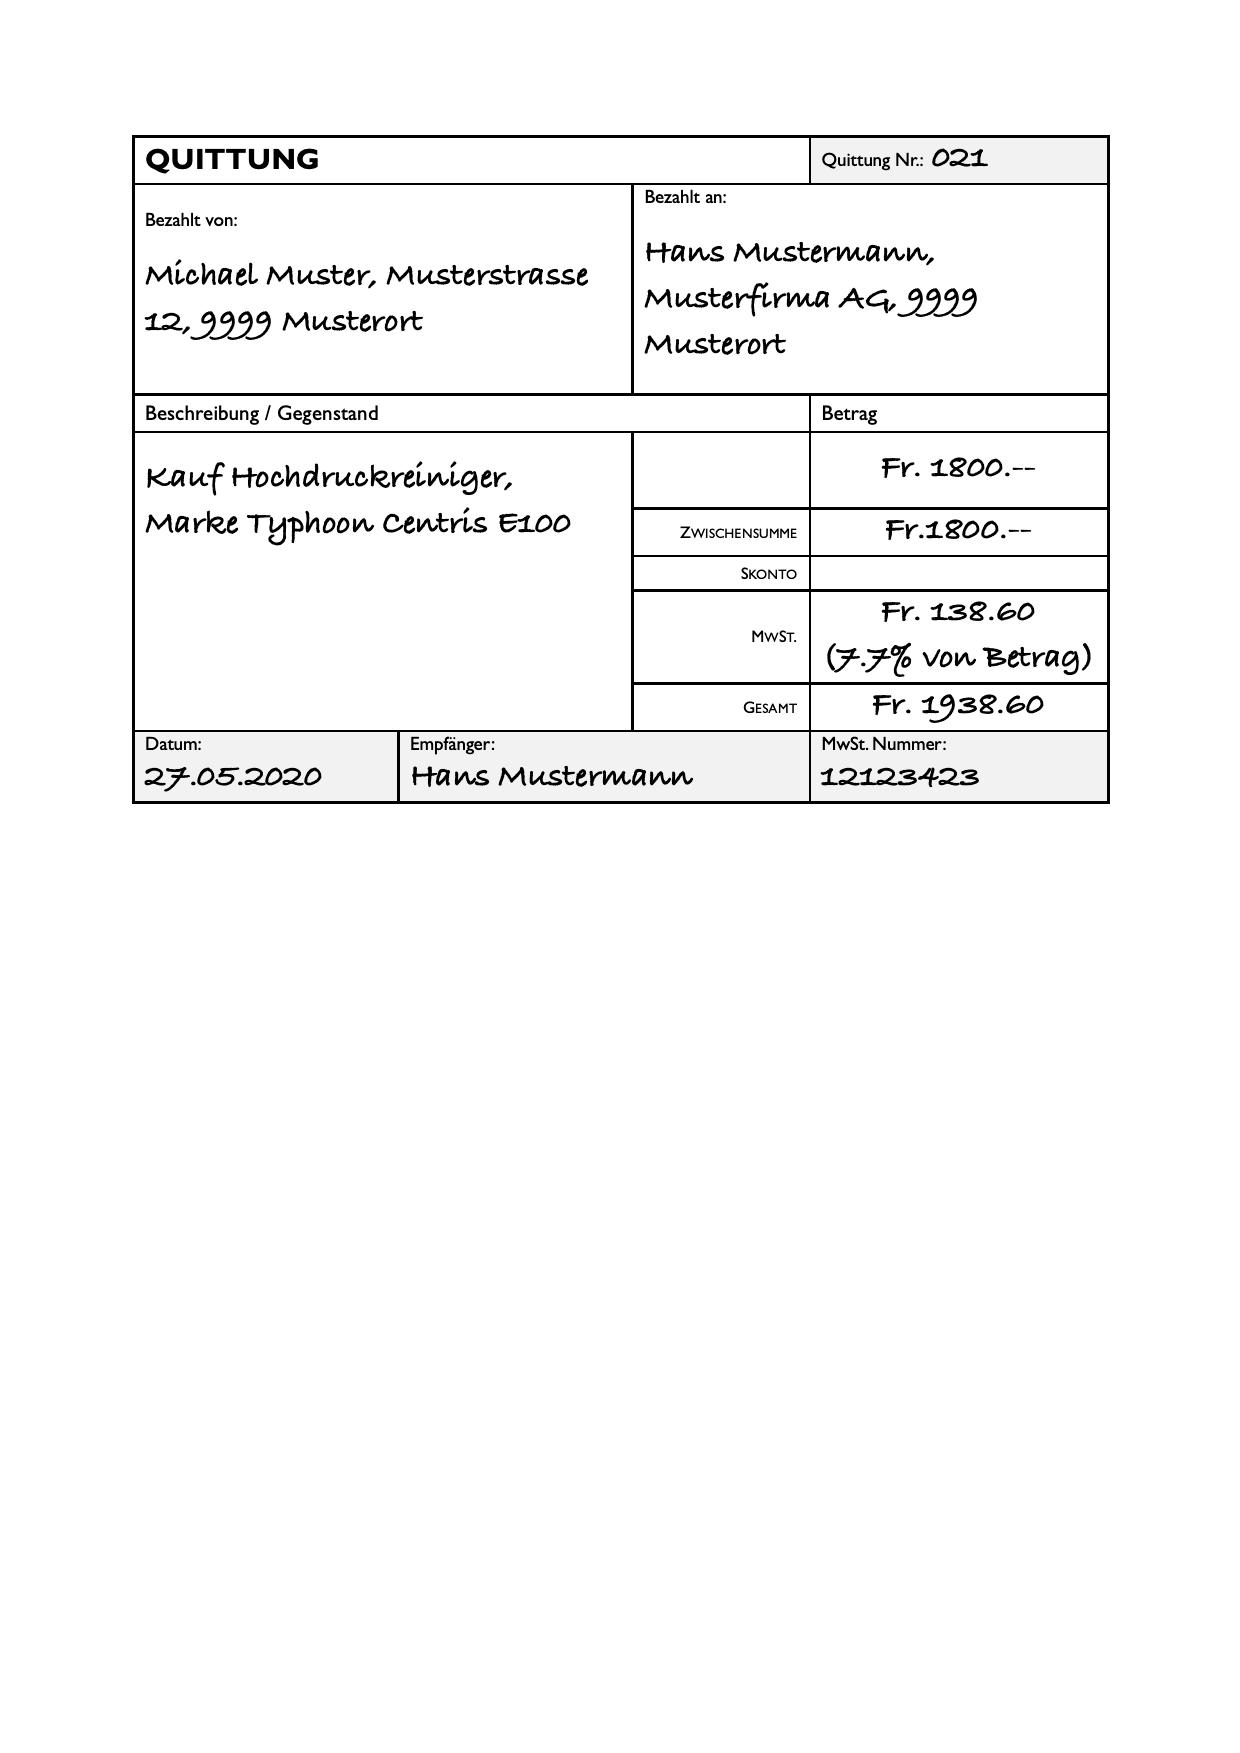 Quittungsvorlage Kostenlos Herunterladen Vorlage Quittung 1